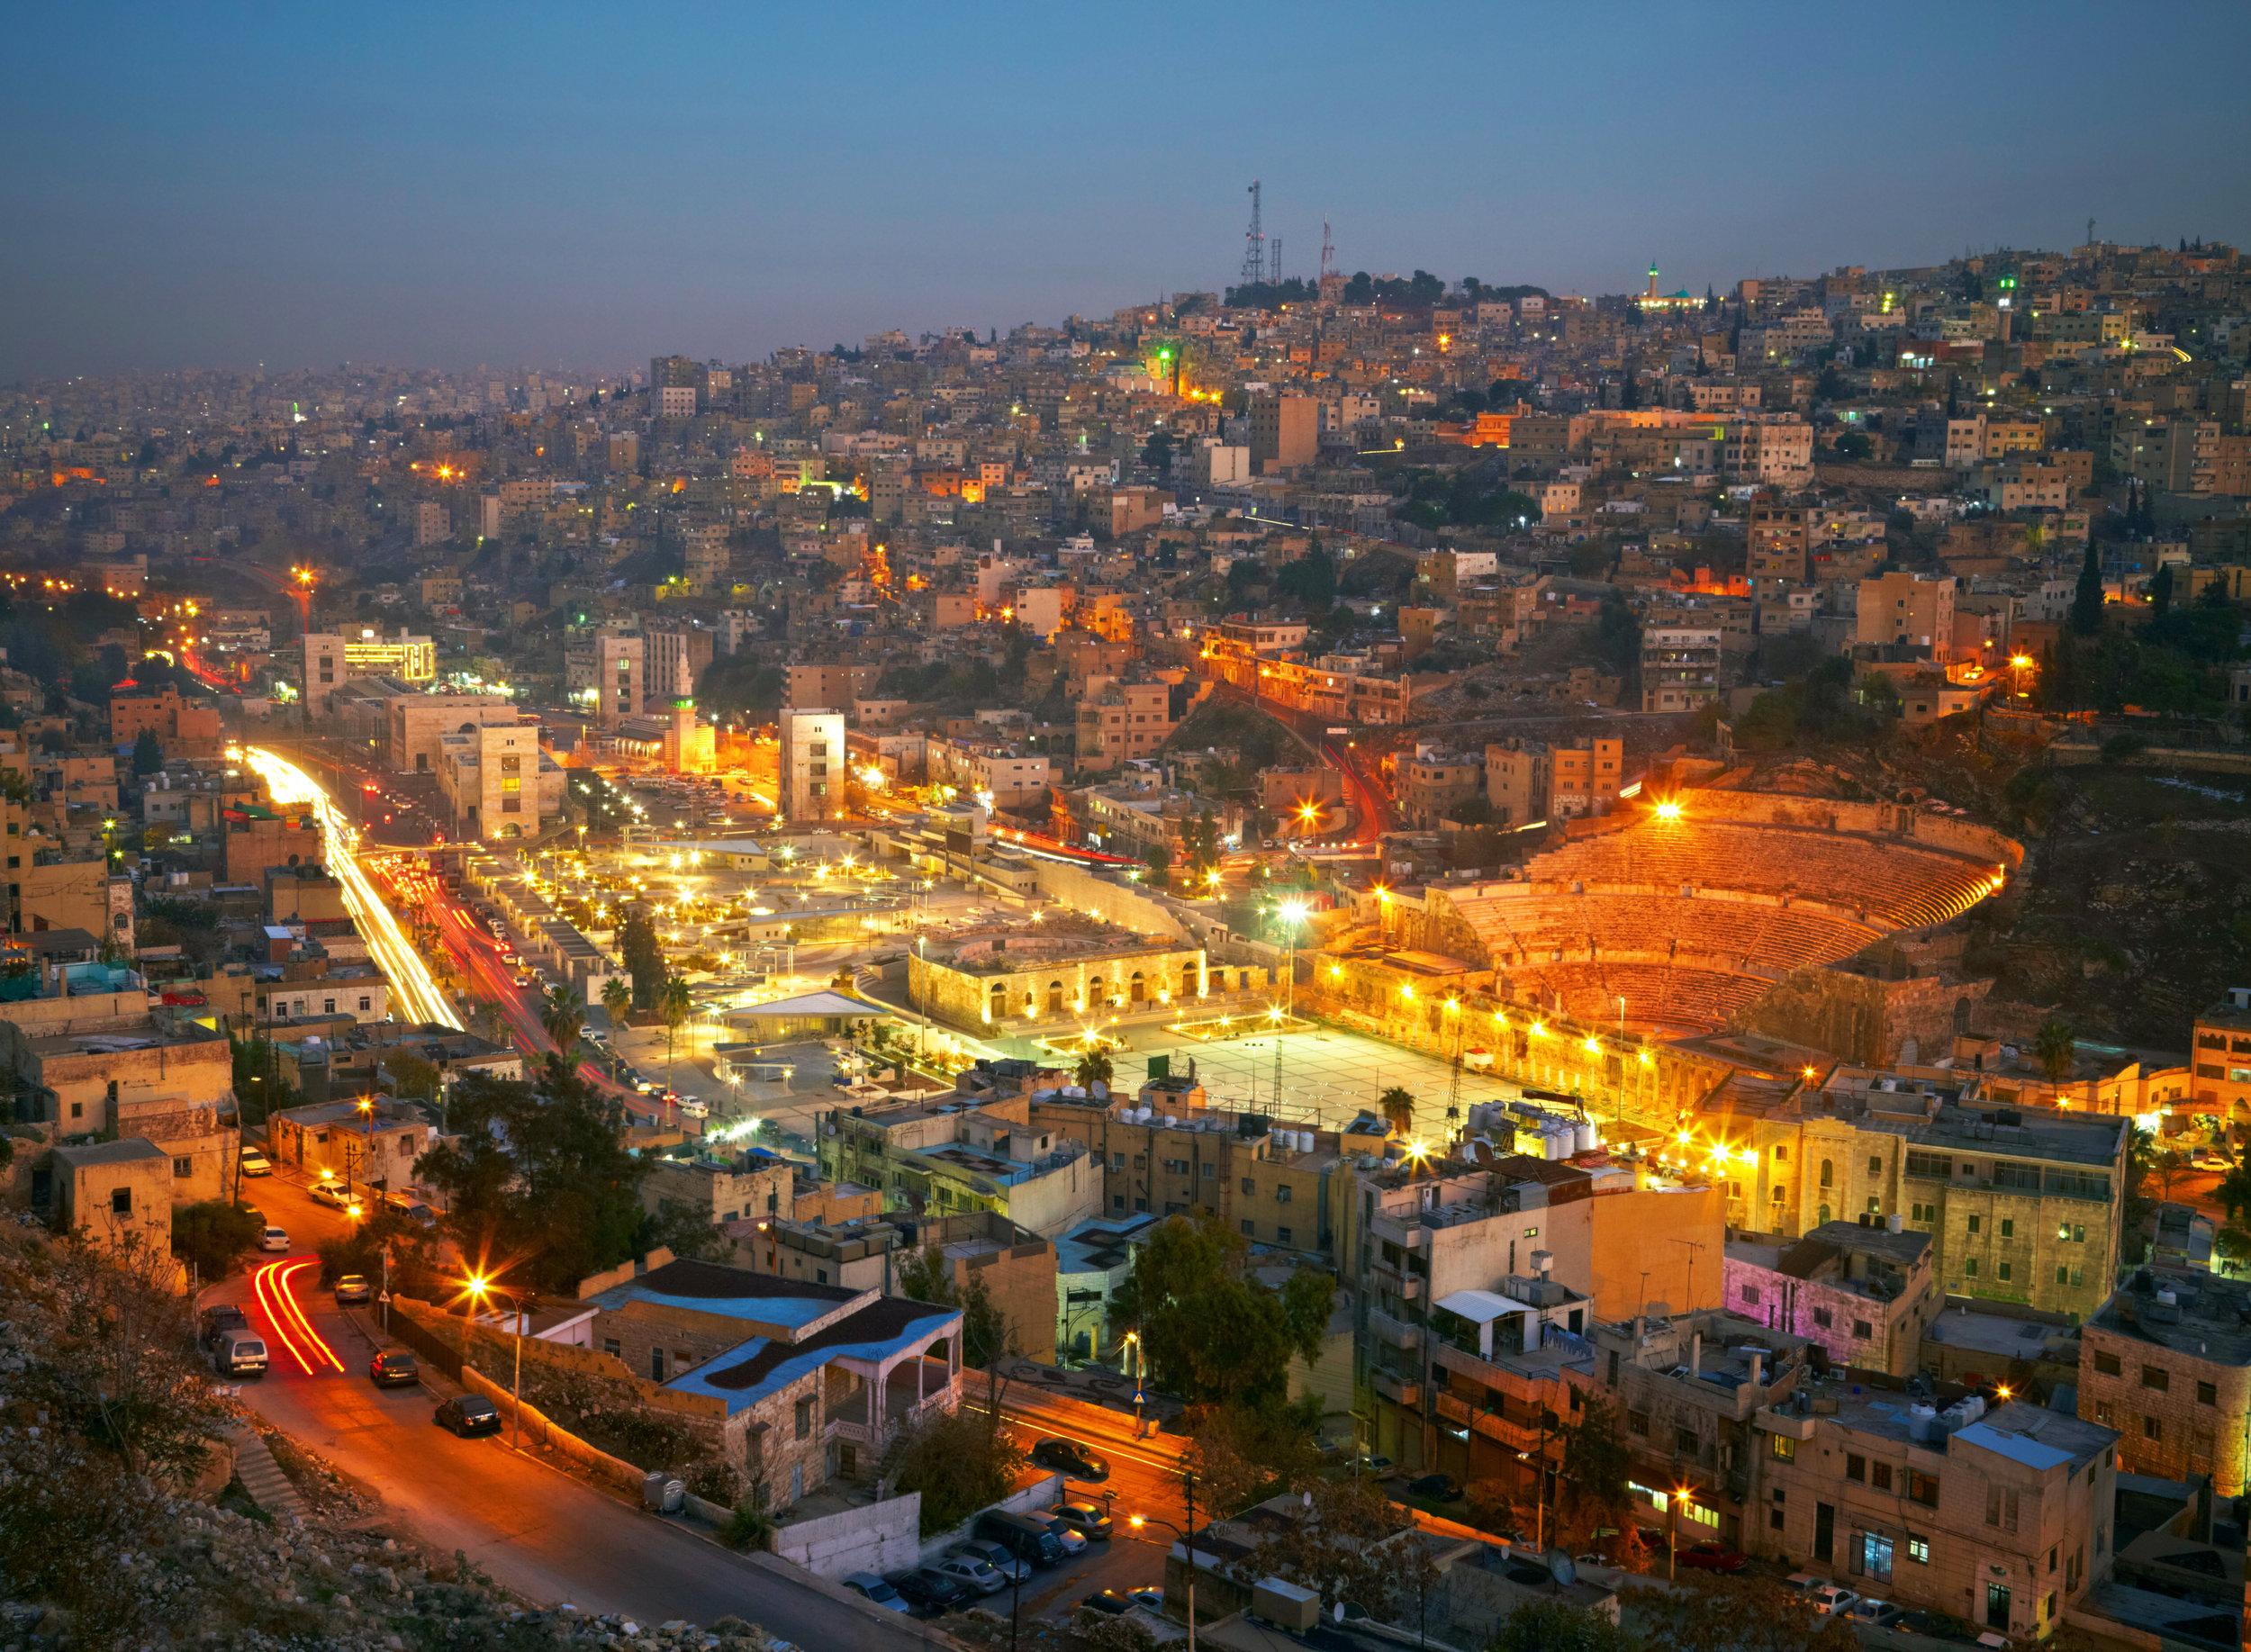 Amman, Jordan, with Roman Amphitheater